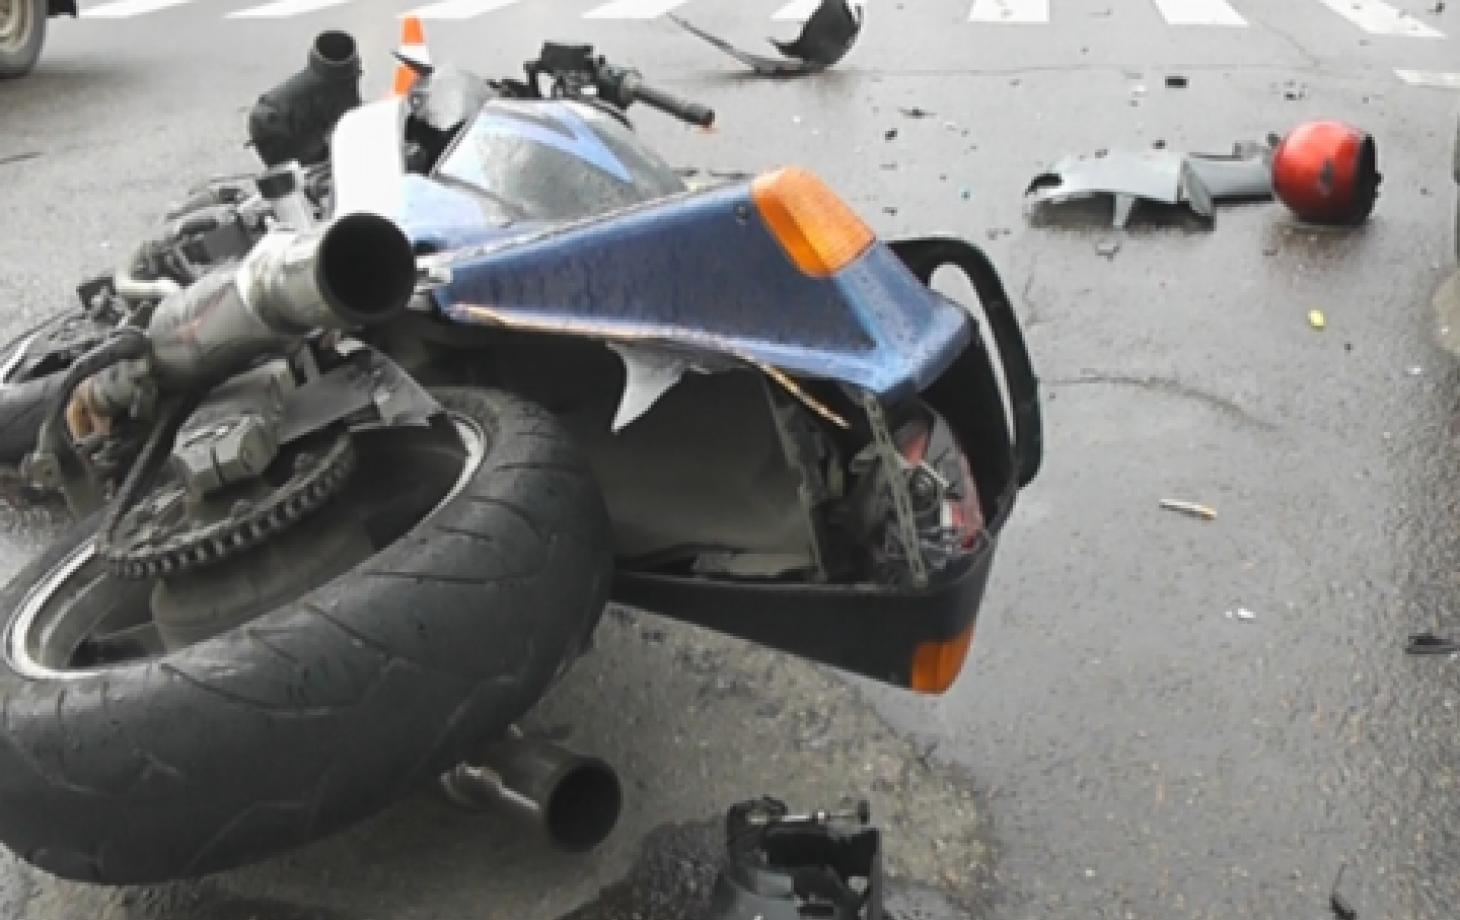 Мотоцикл попал в ДТП